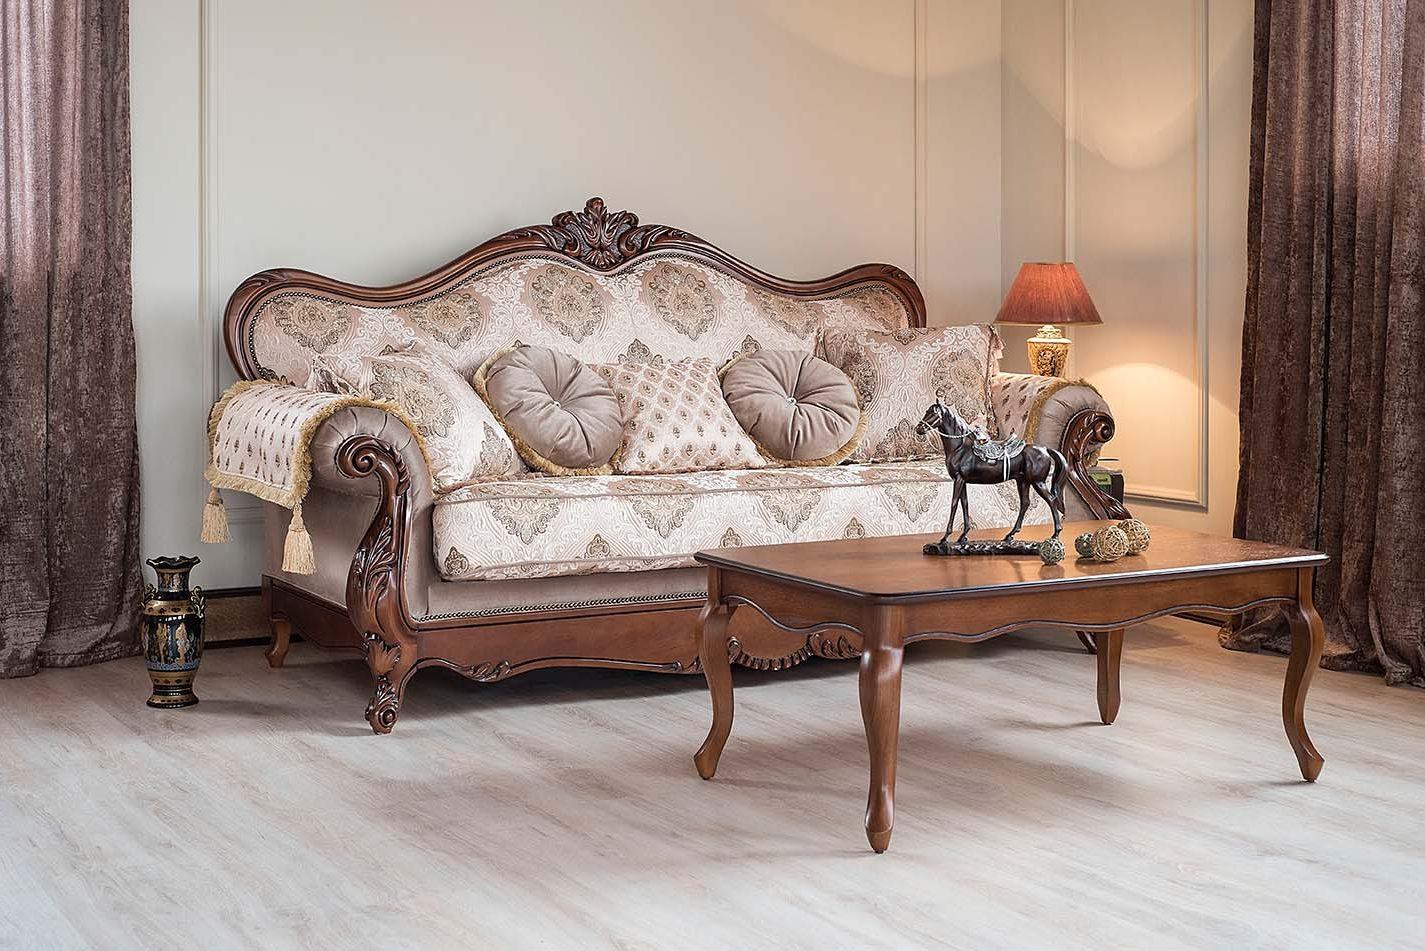 sofa-Imperia-e1500474282982